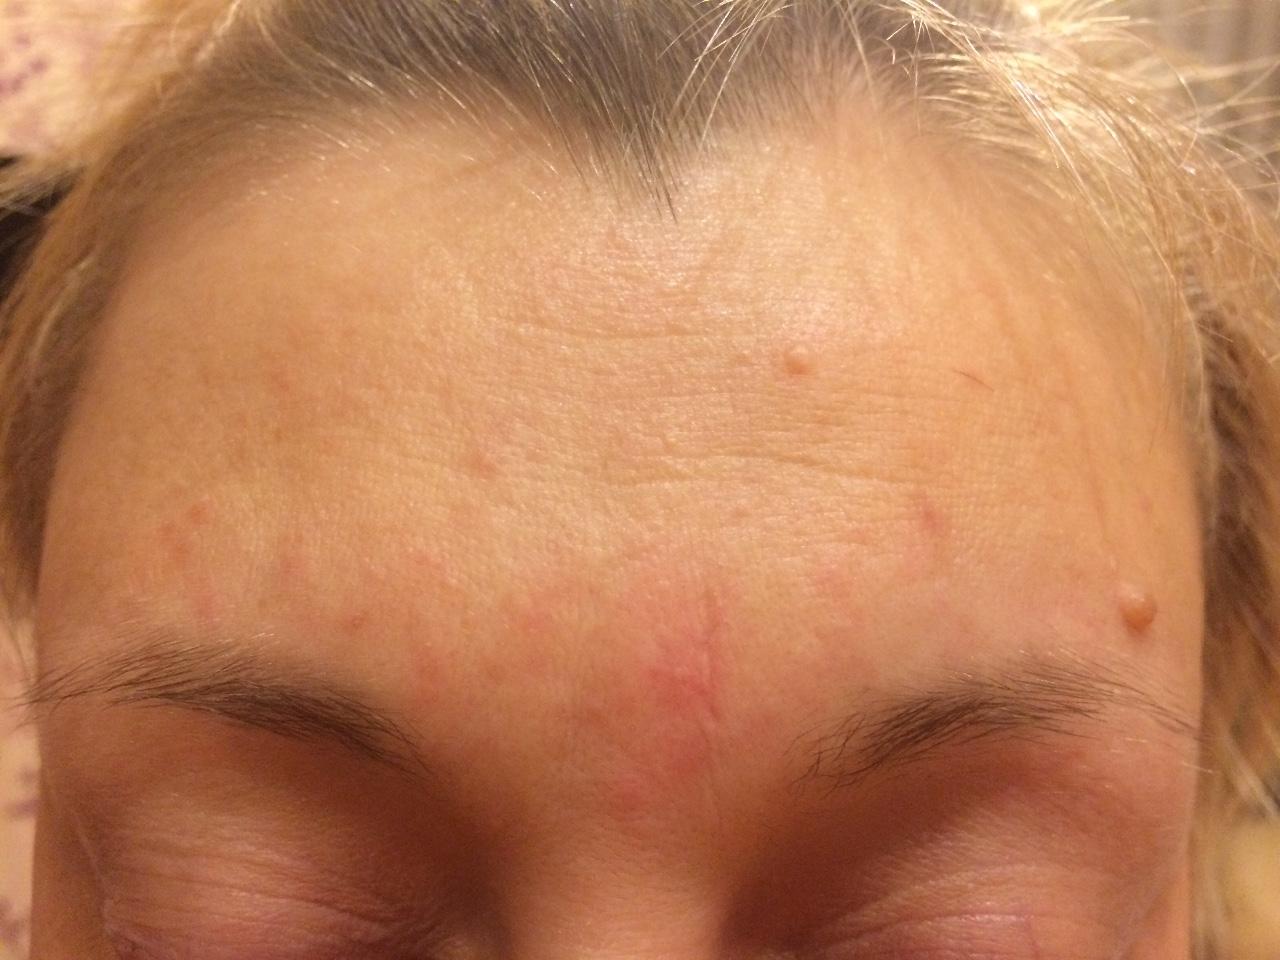 красная сыпь на лице чешется